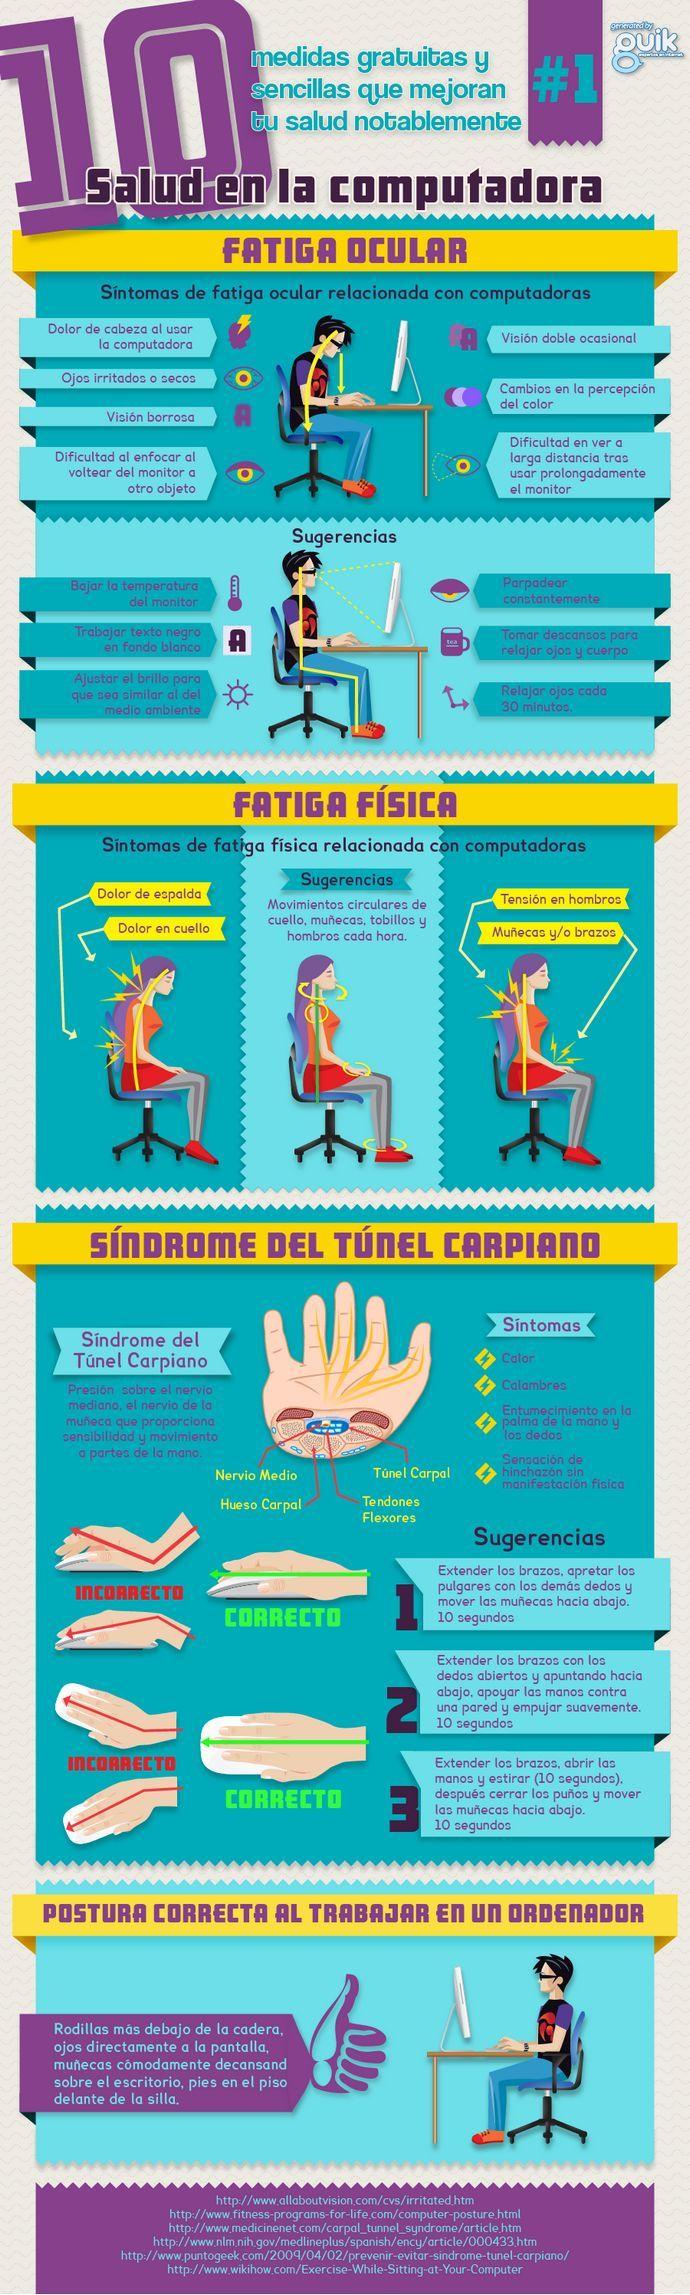 mejora tu salud con estos tips #farmatodo